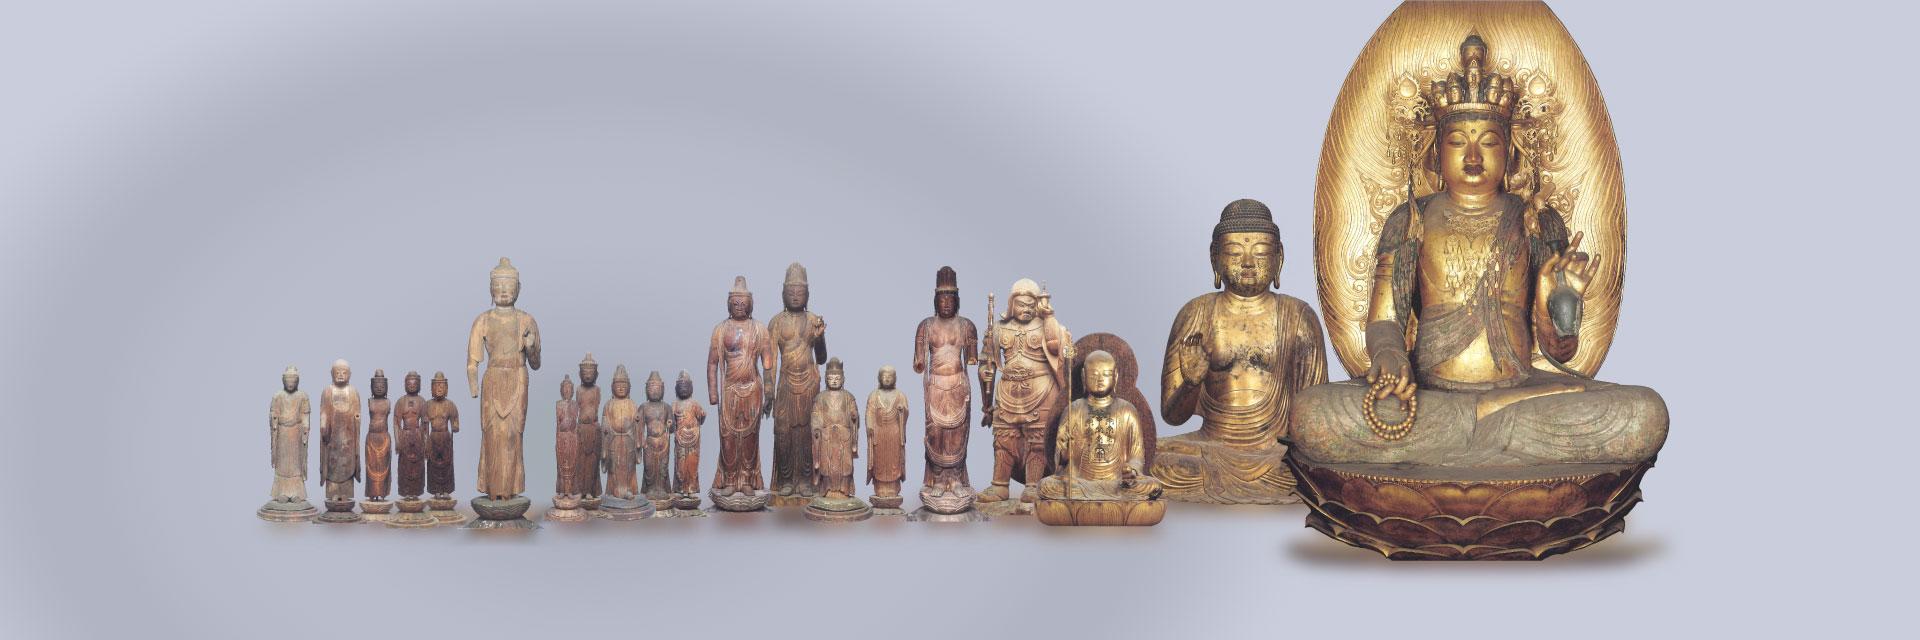 櫟野寺にある20体もの重要文化財の仏様